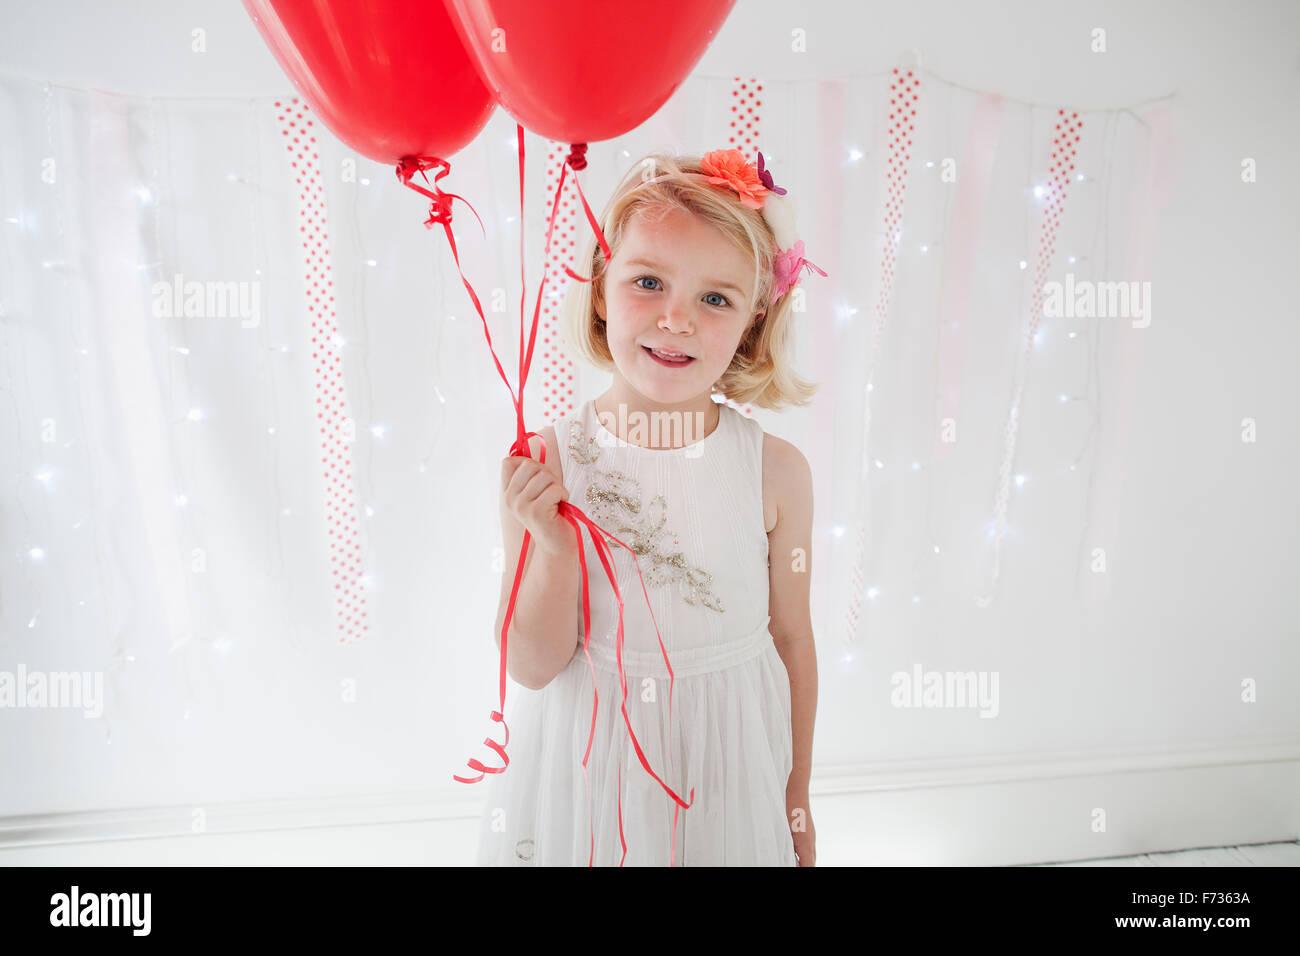 Jeune fille posant pour une photo dans un studio de photographes, holding red balloons. Photo Stock